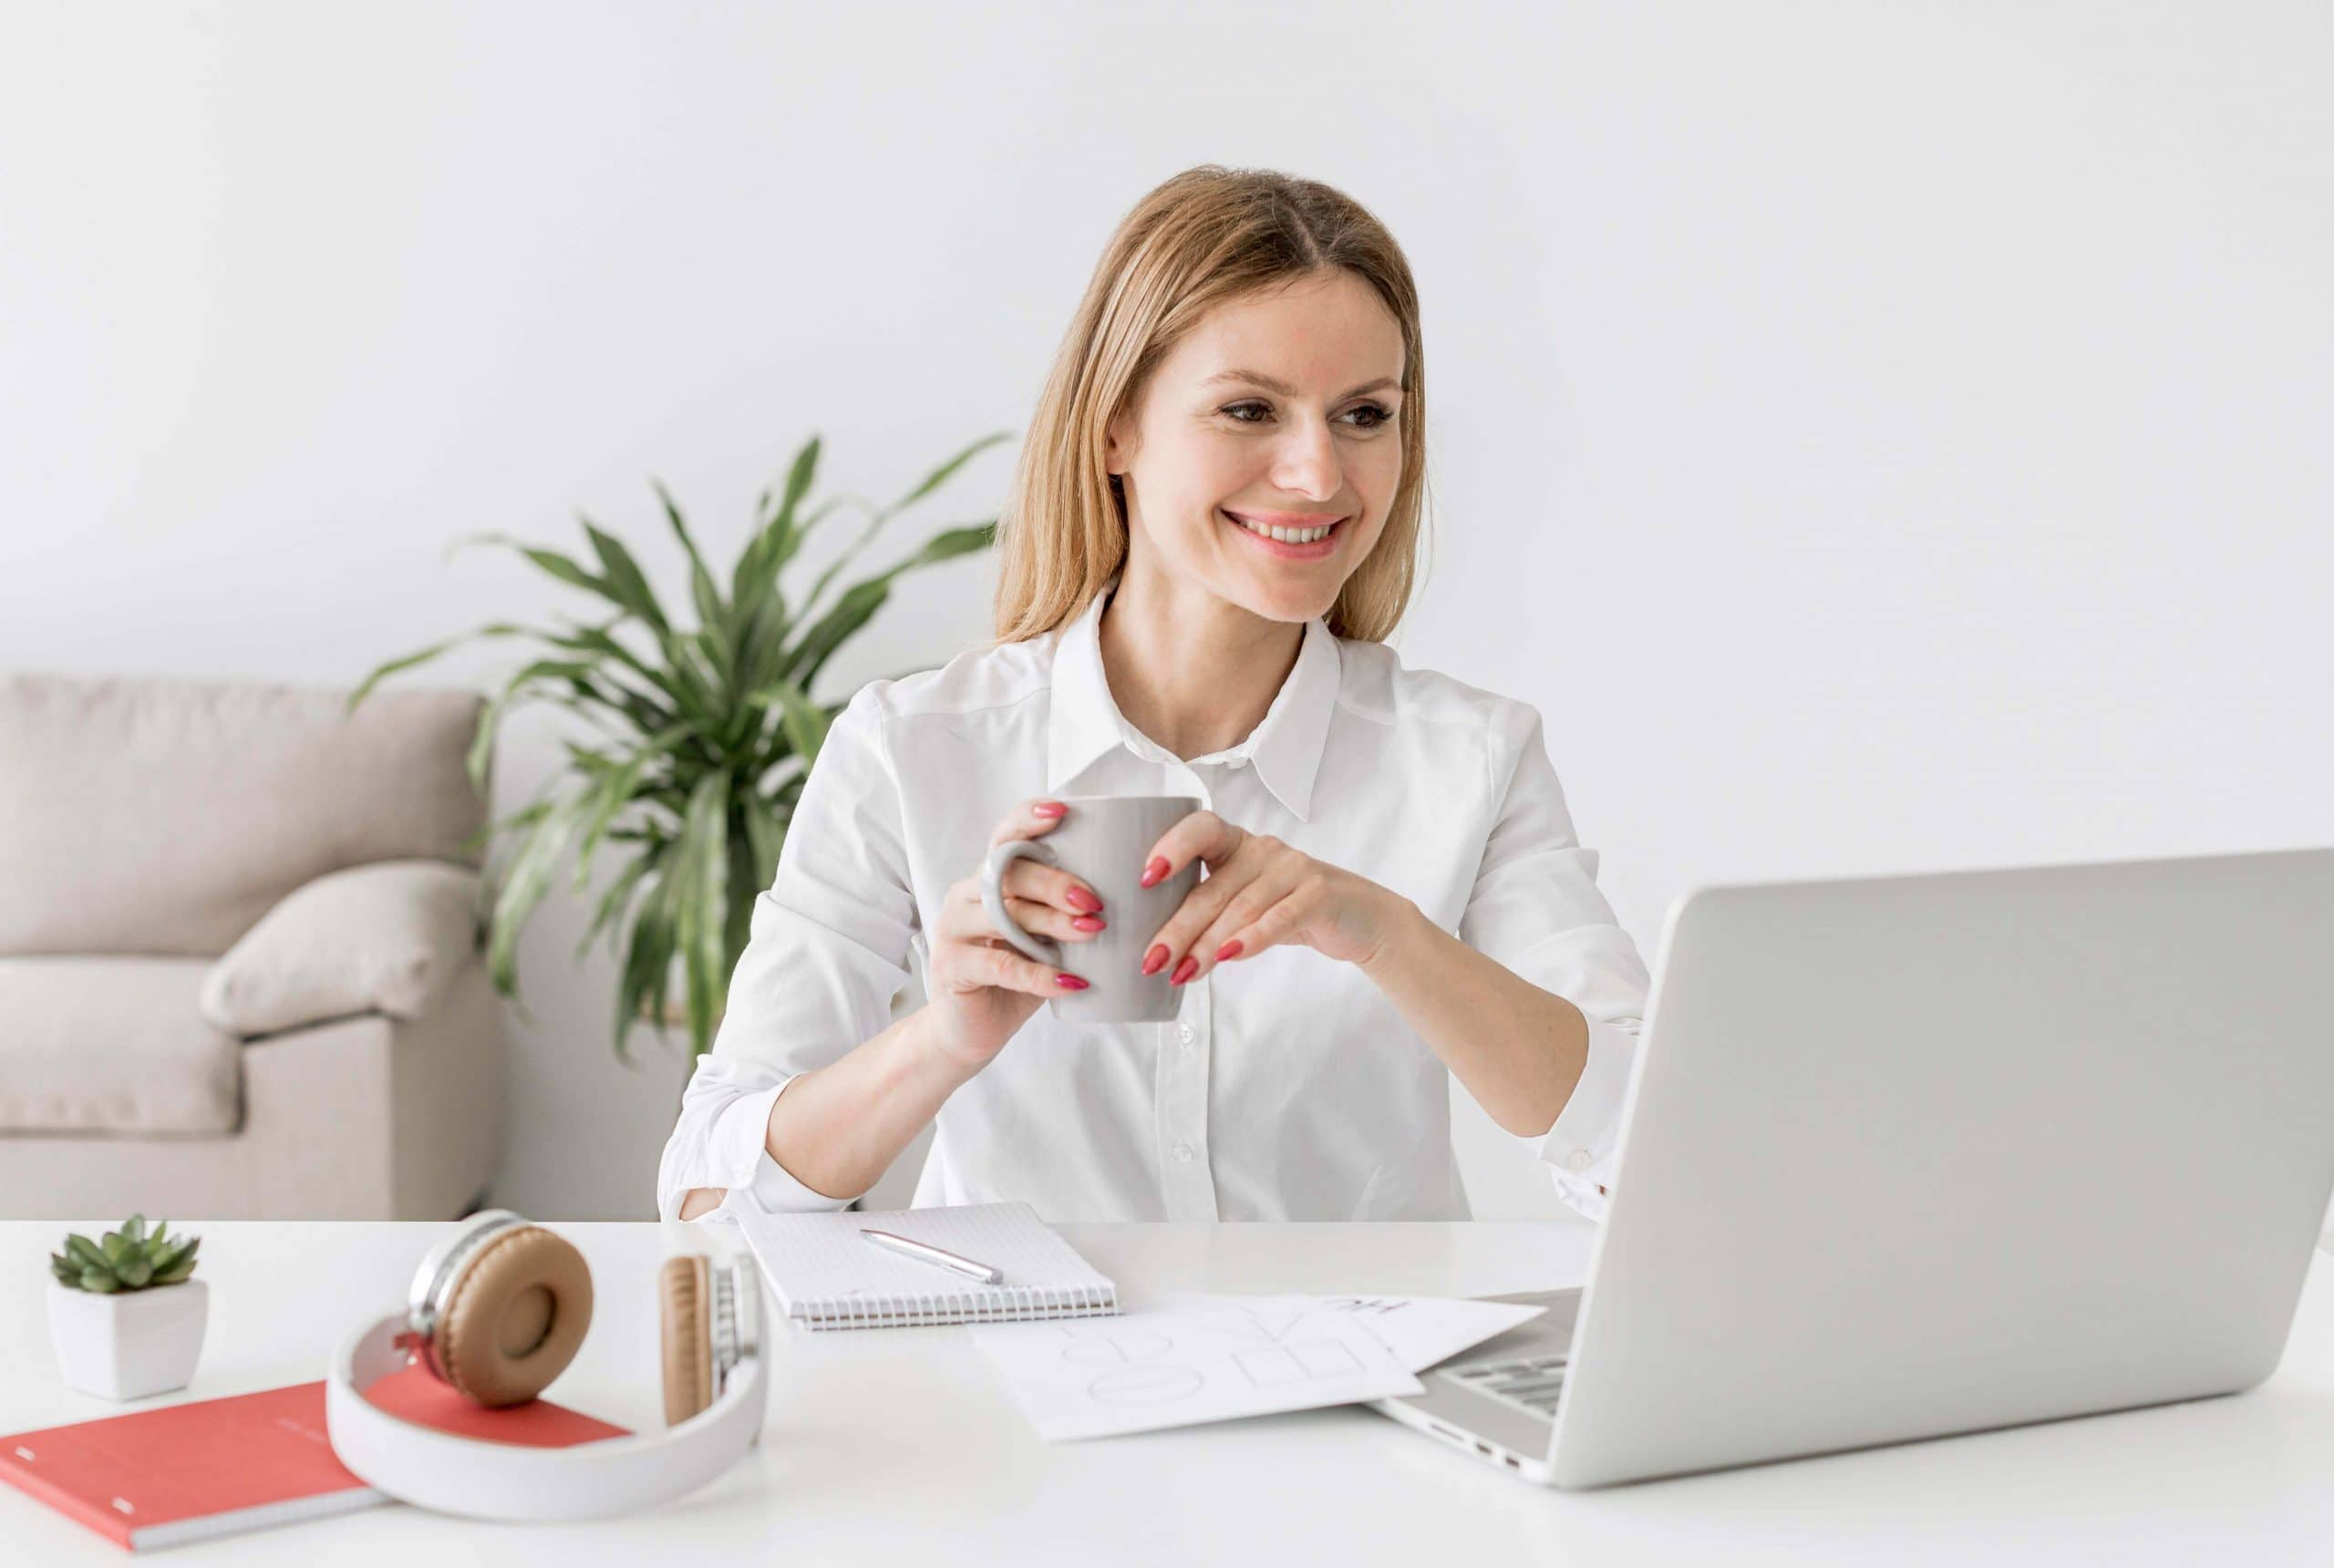 psihoterapie online, psiholog online, terapie online, psihoterapeut online